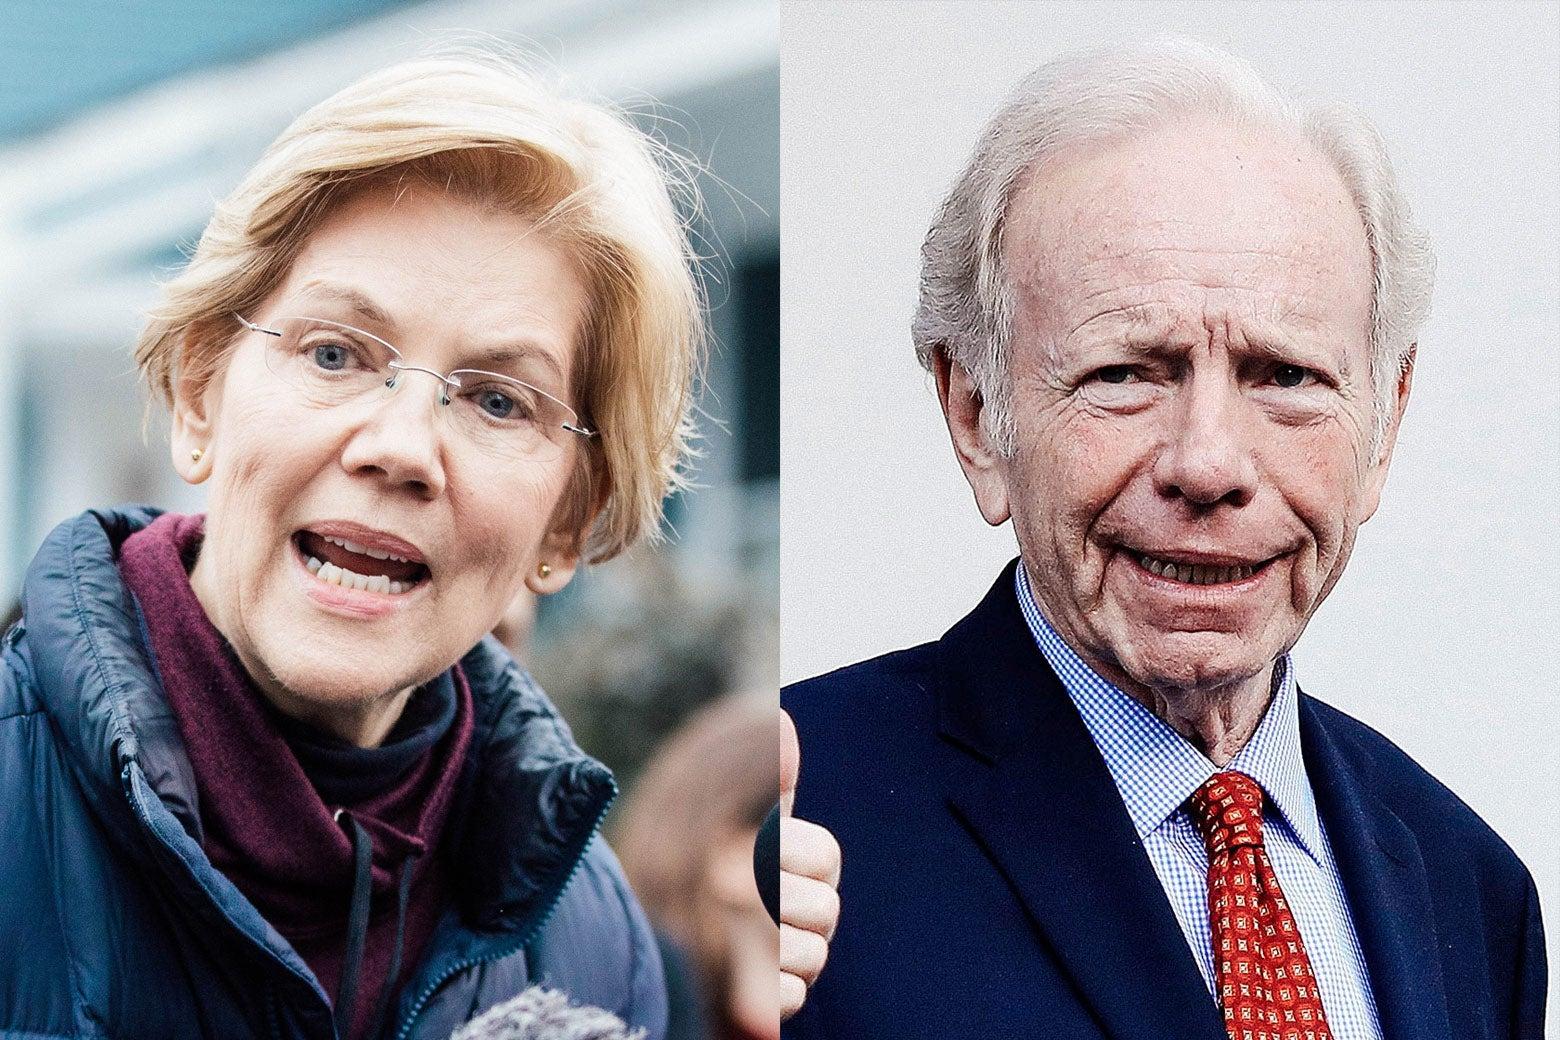 Closeup shots of Warren and Lieberman.